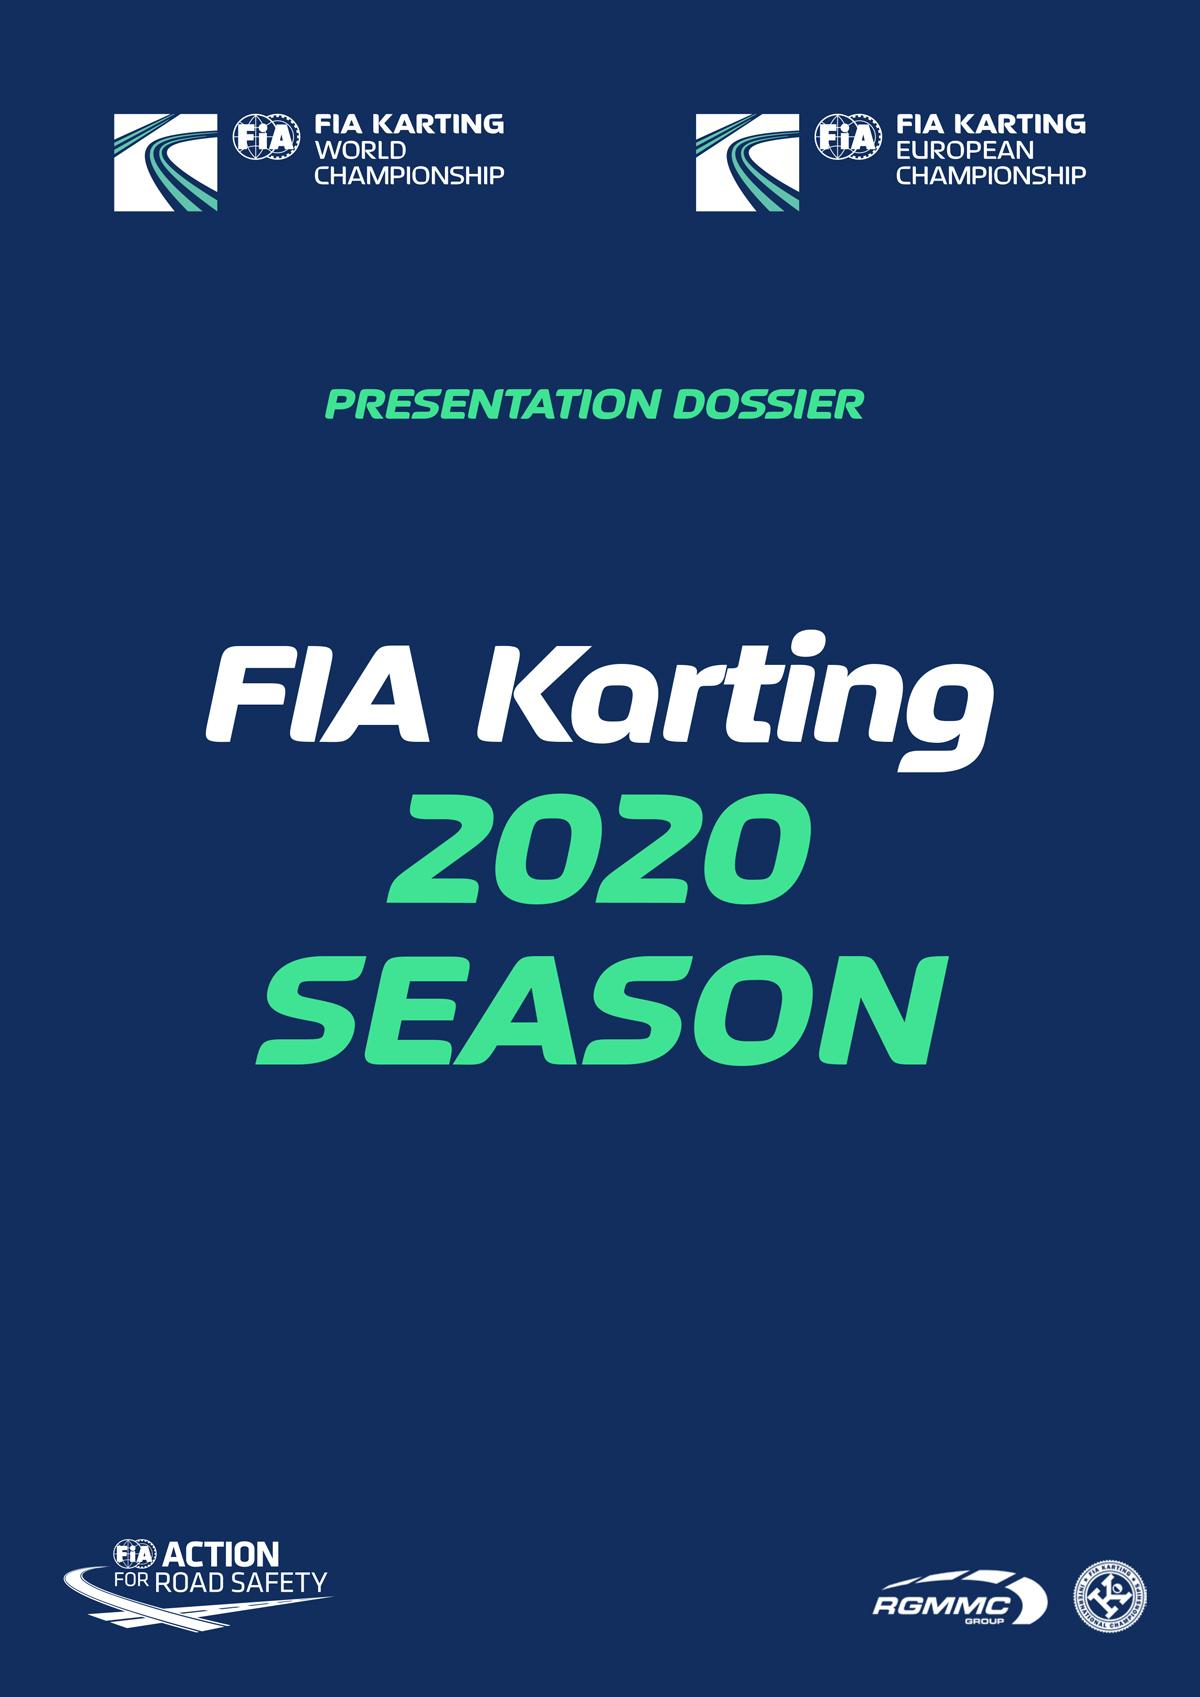 FIA_KARTING_PRESENTATION_DOSSIER_2020_vEN_2-1